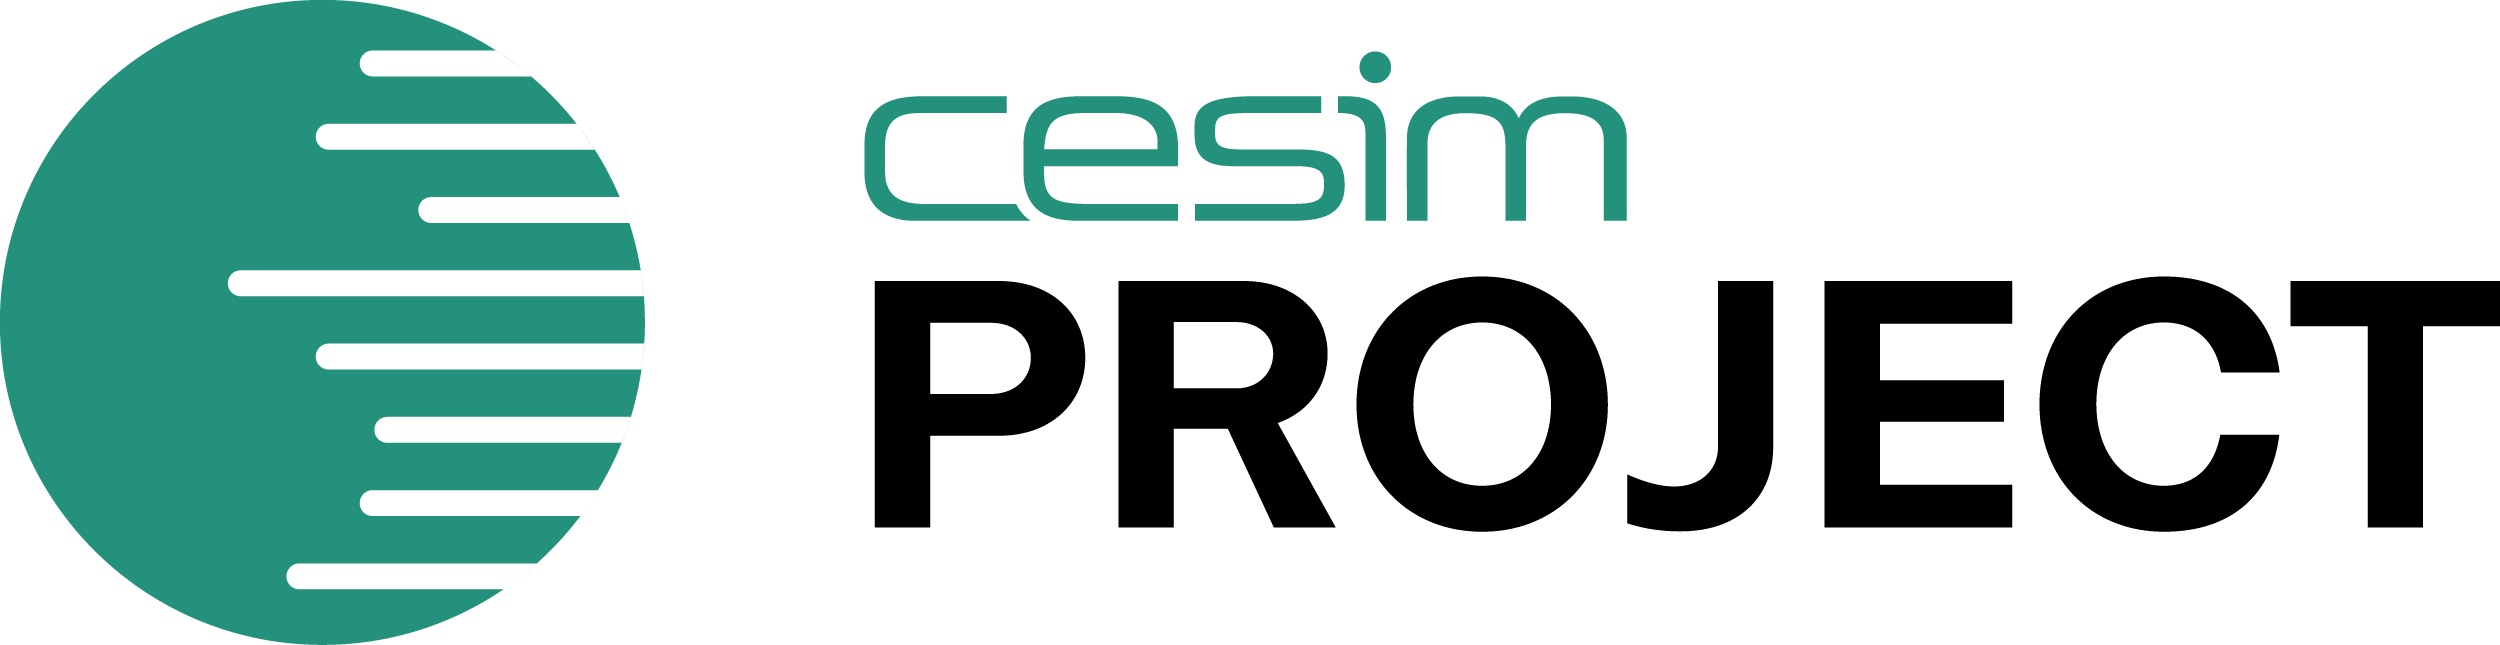 Cesim Project